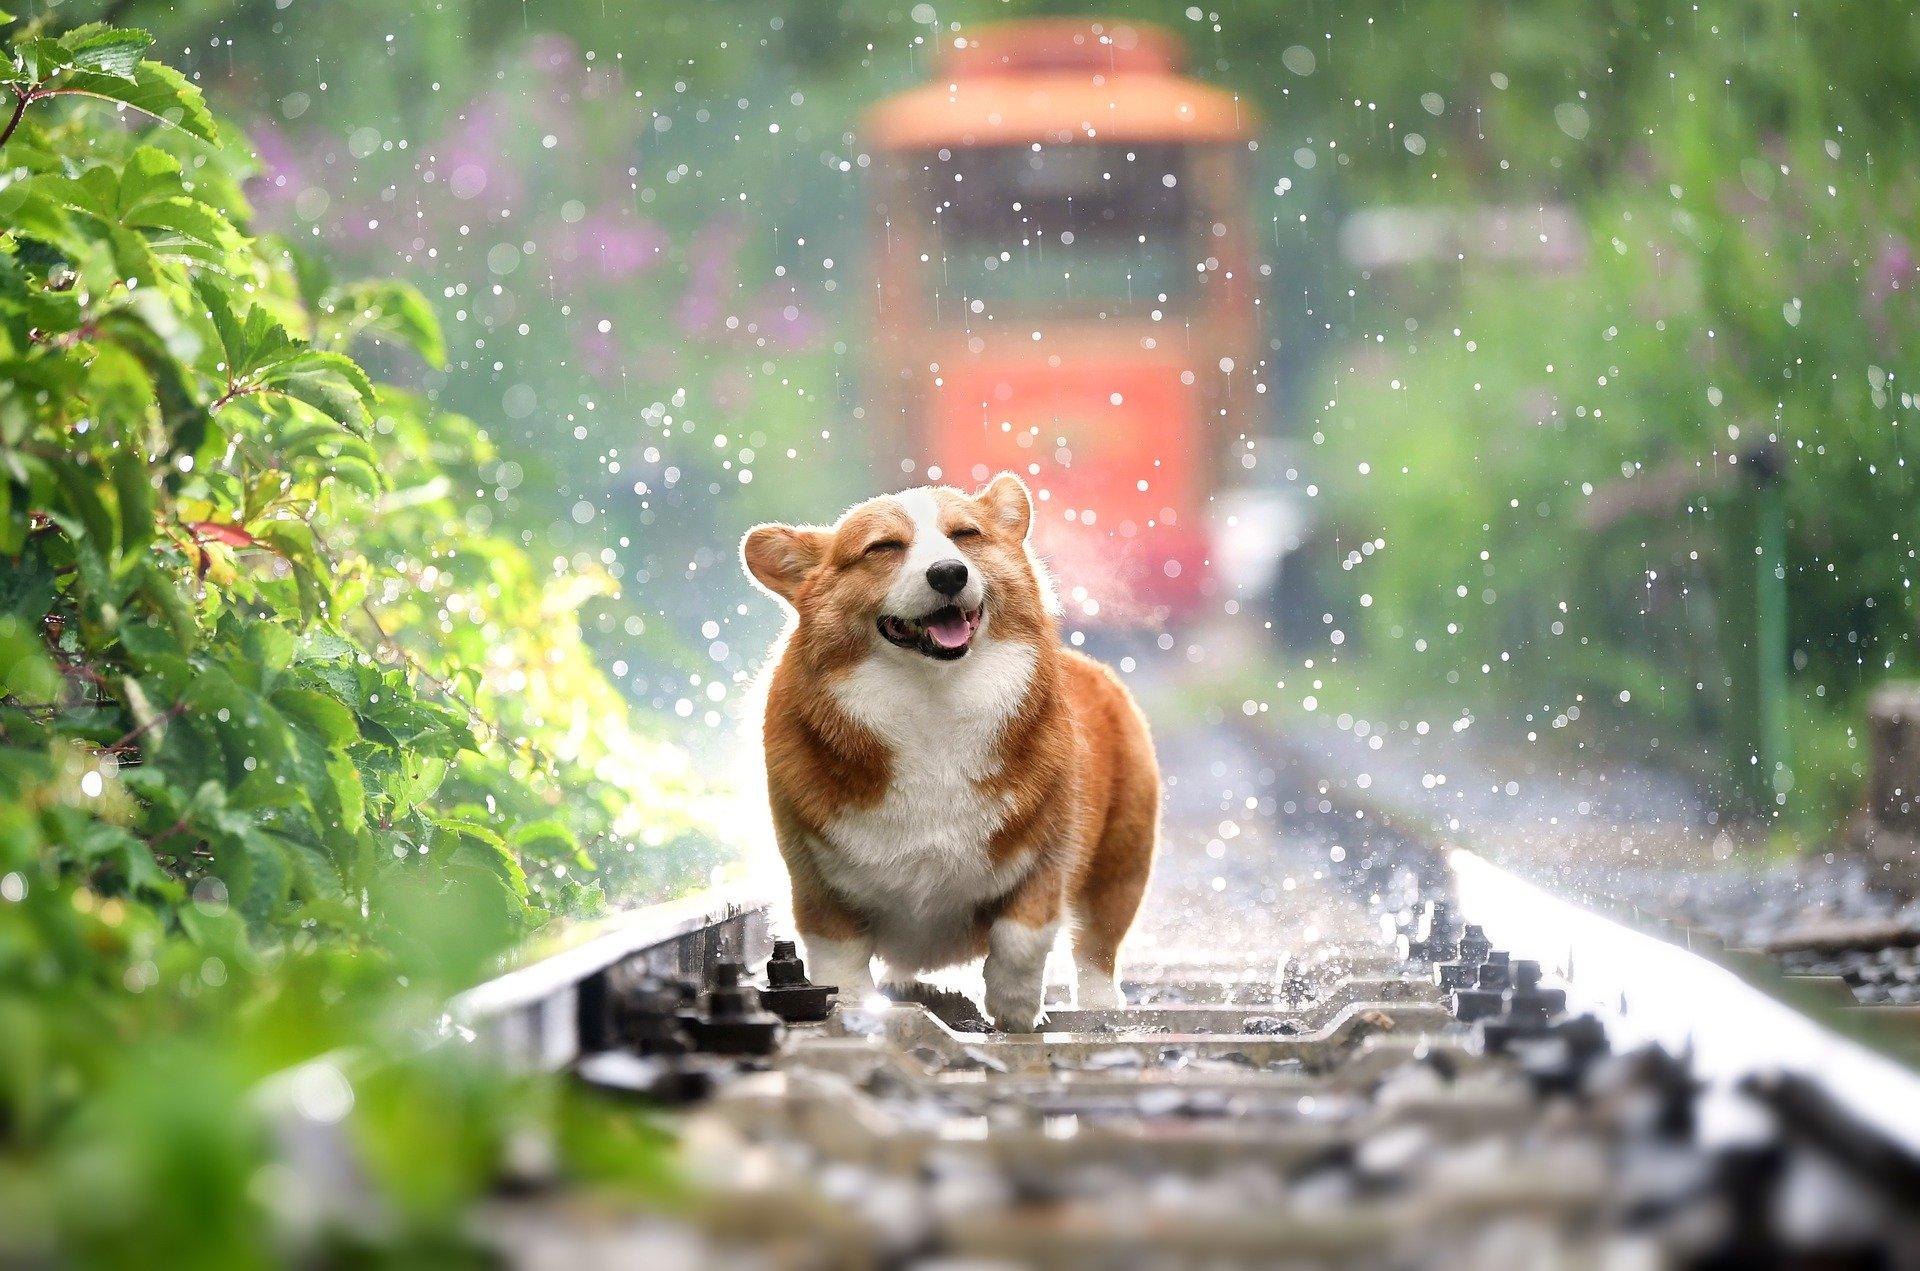 日本一隻名叫Gen的柯基犬有很豐富的表情,令人喜愛。圖為一隻柯基犬,與本文無關。(Pixabay)